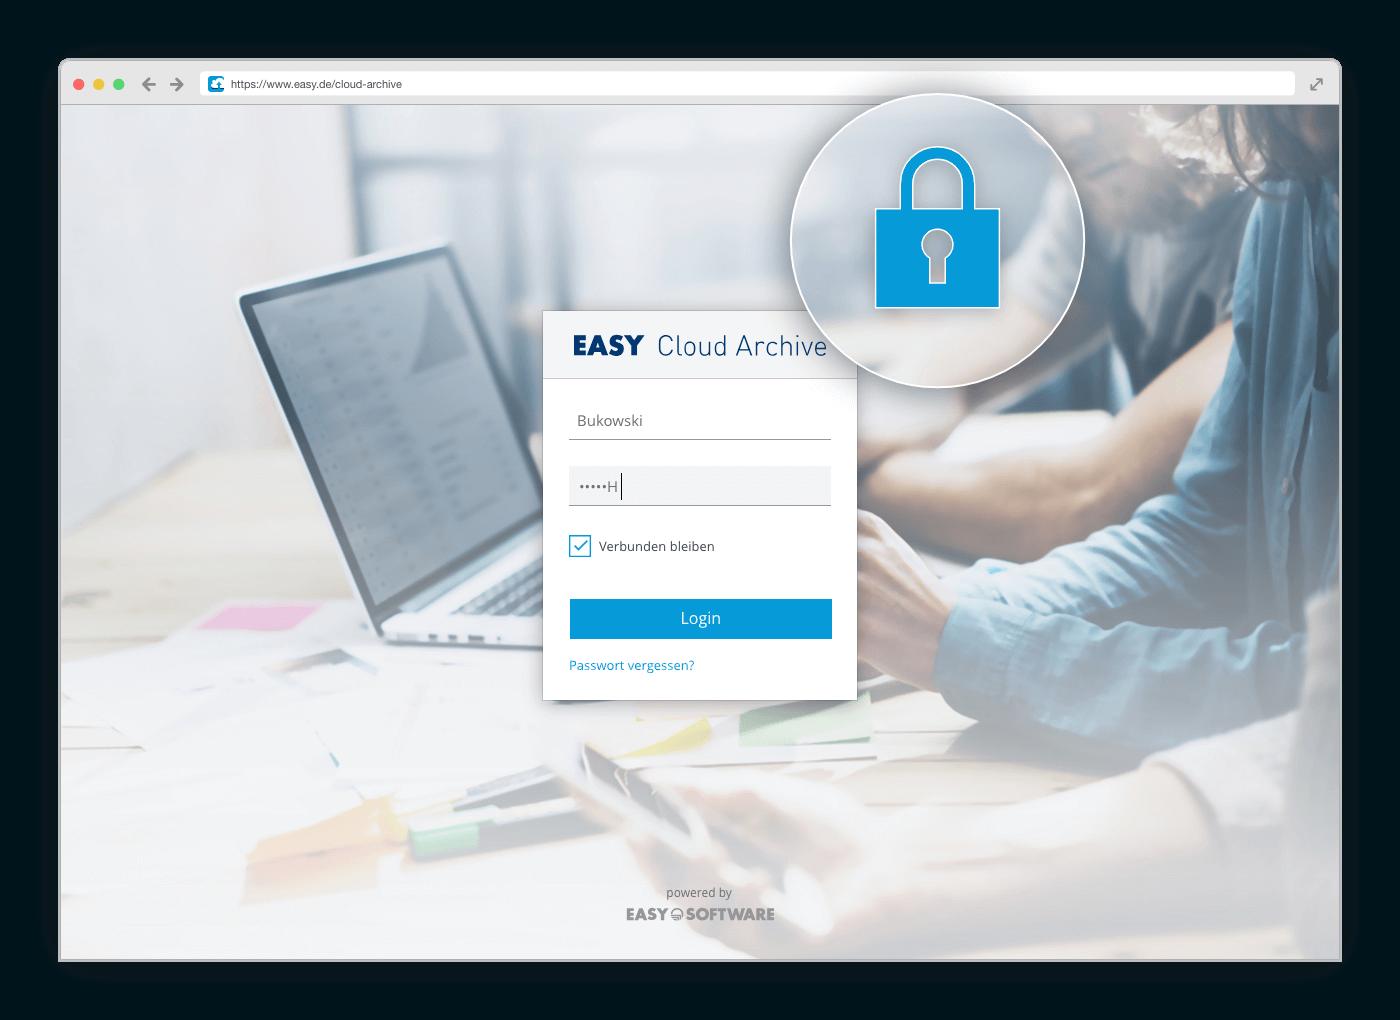 EASY Cloud Archive Datenschutz & Sicherheit